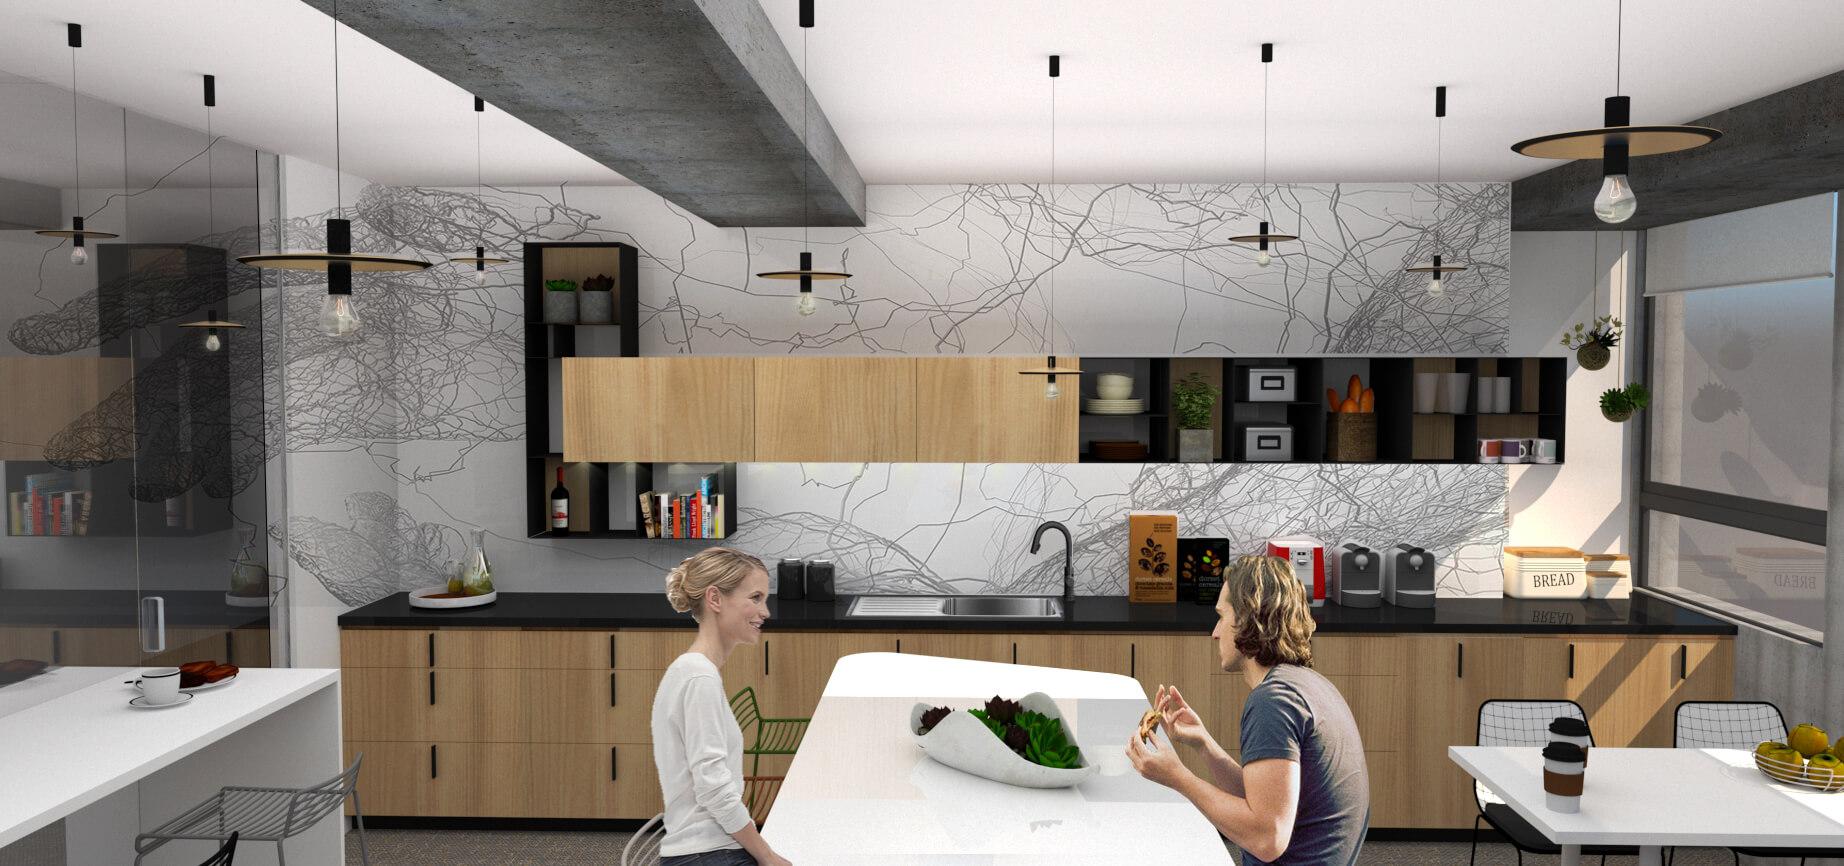 Edwards small kitchen